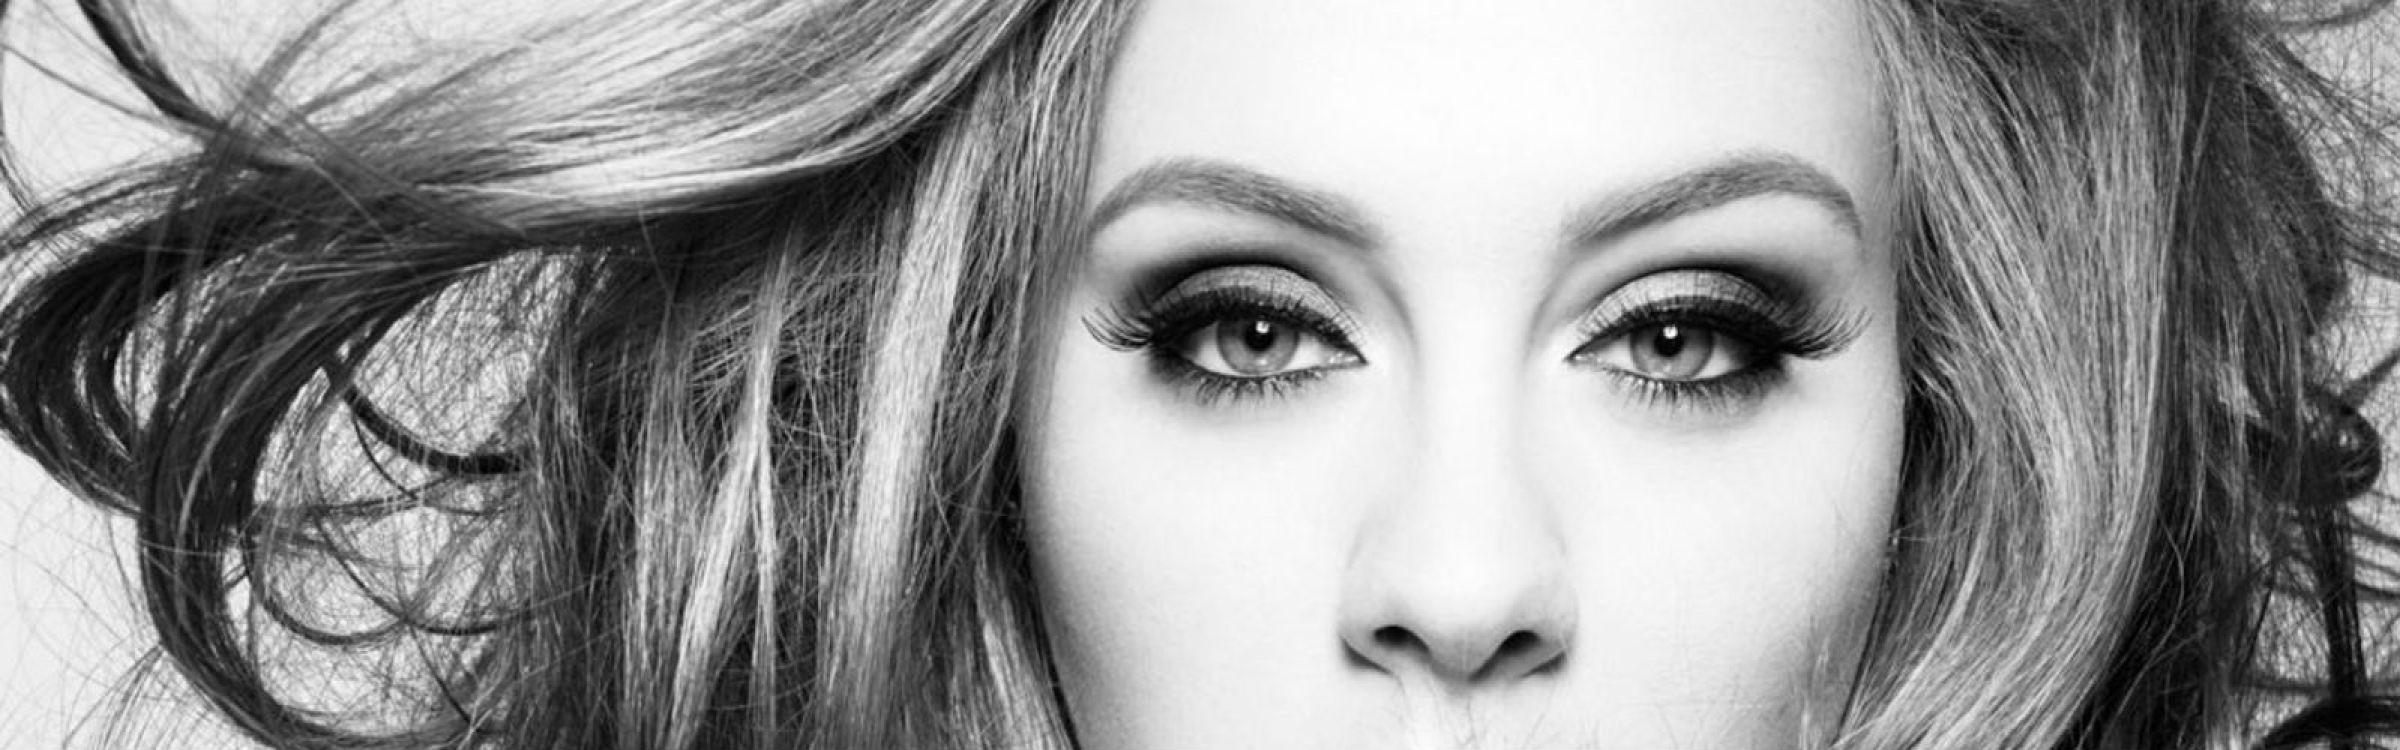 Adele2400x750